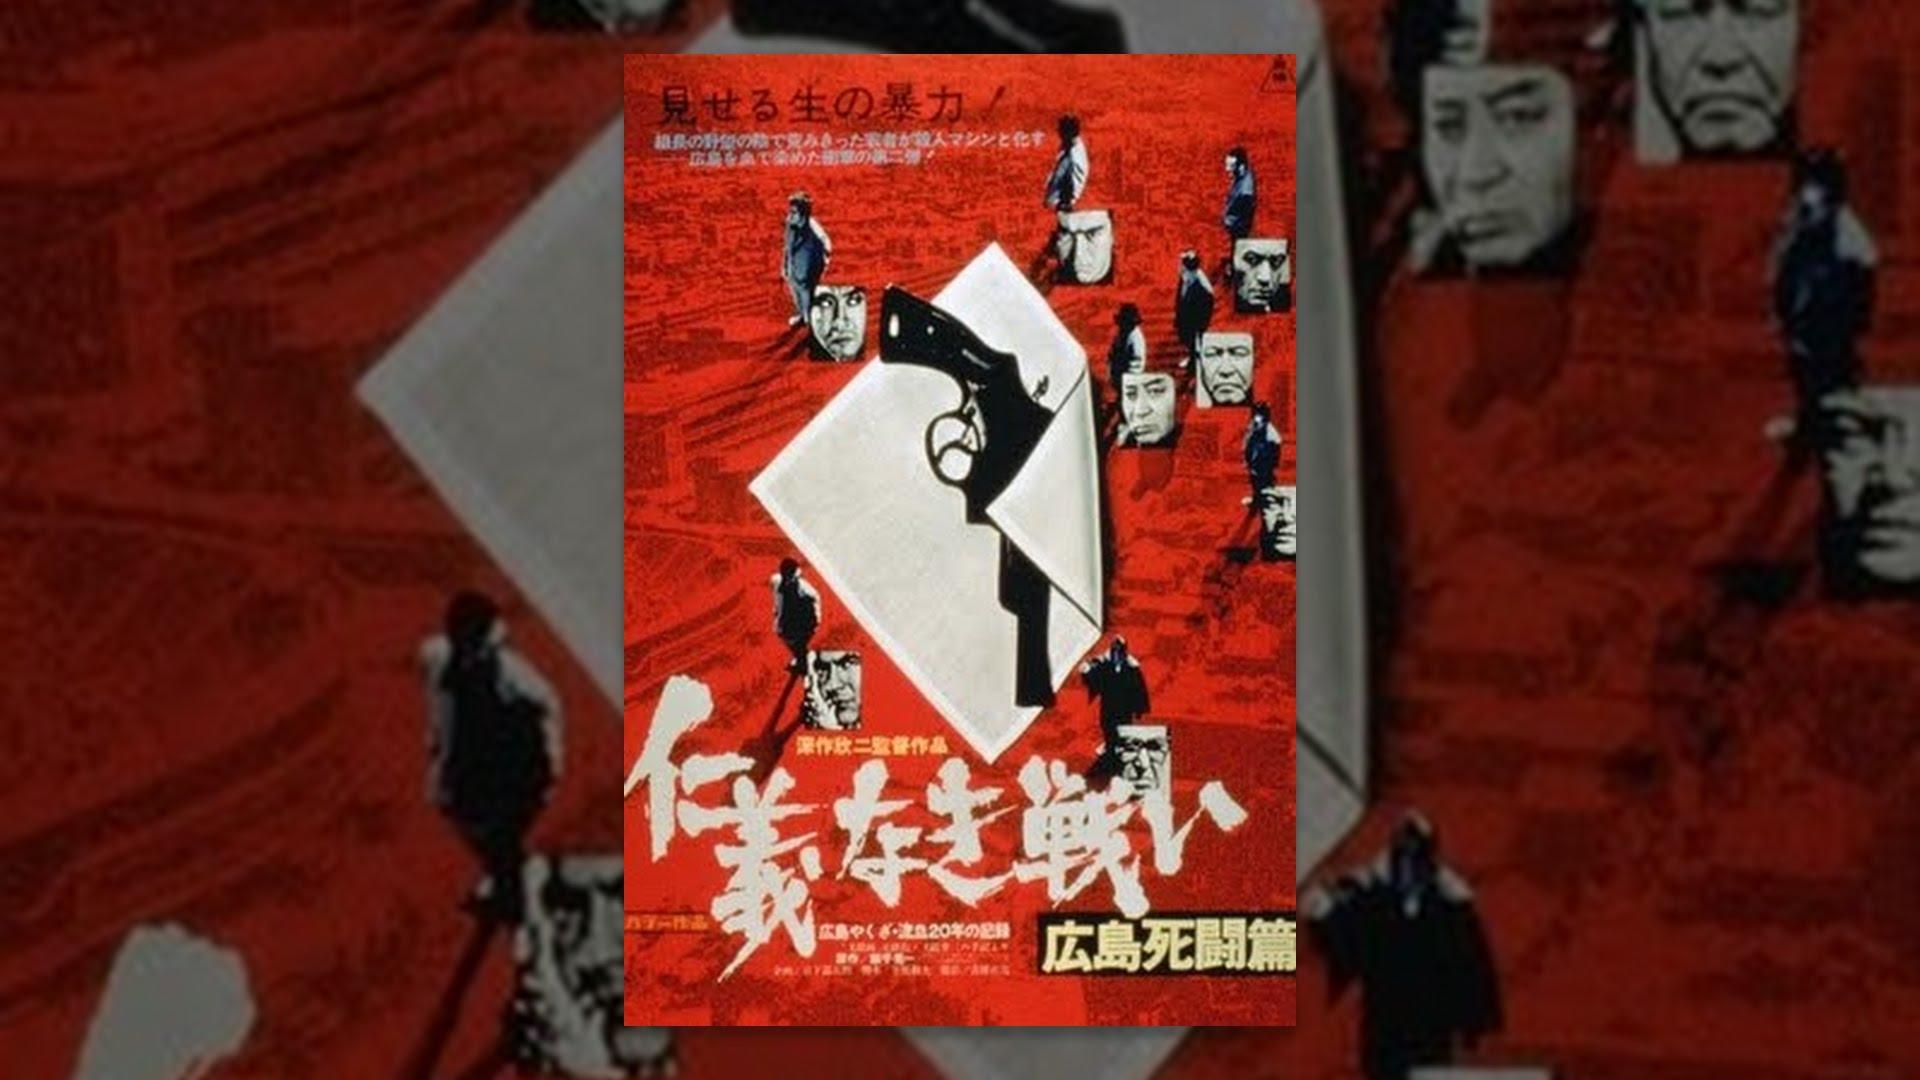 仁義なき戦い 広島死闘篇の画像 p1_33